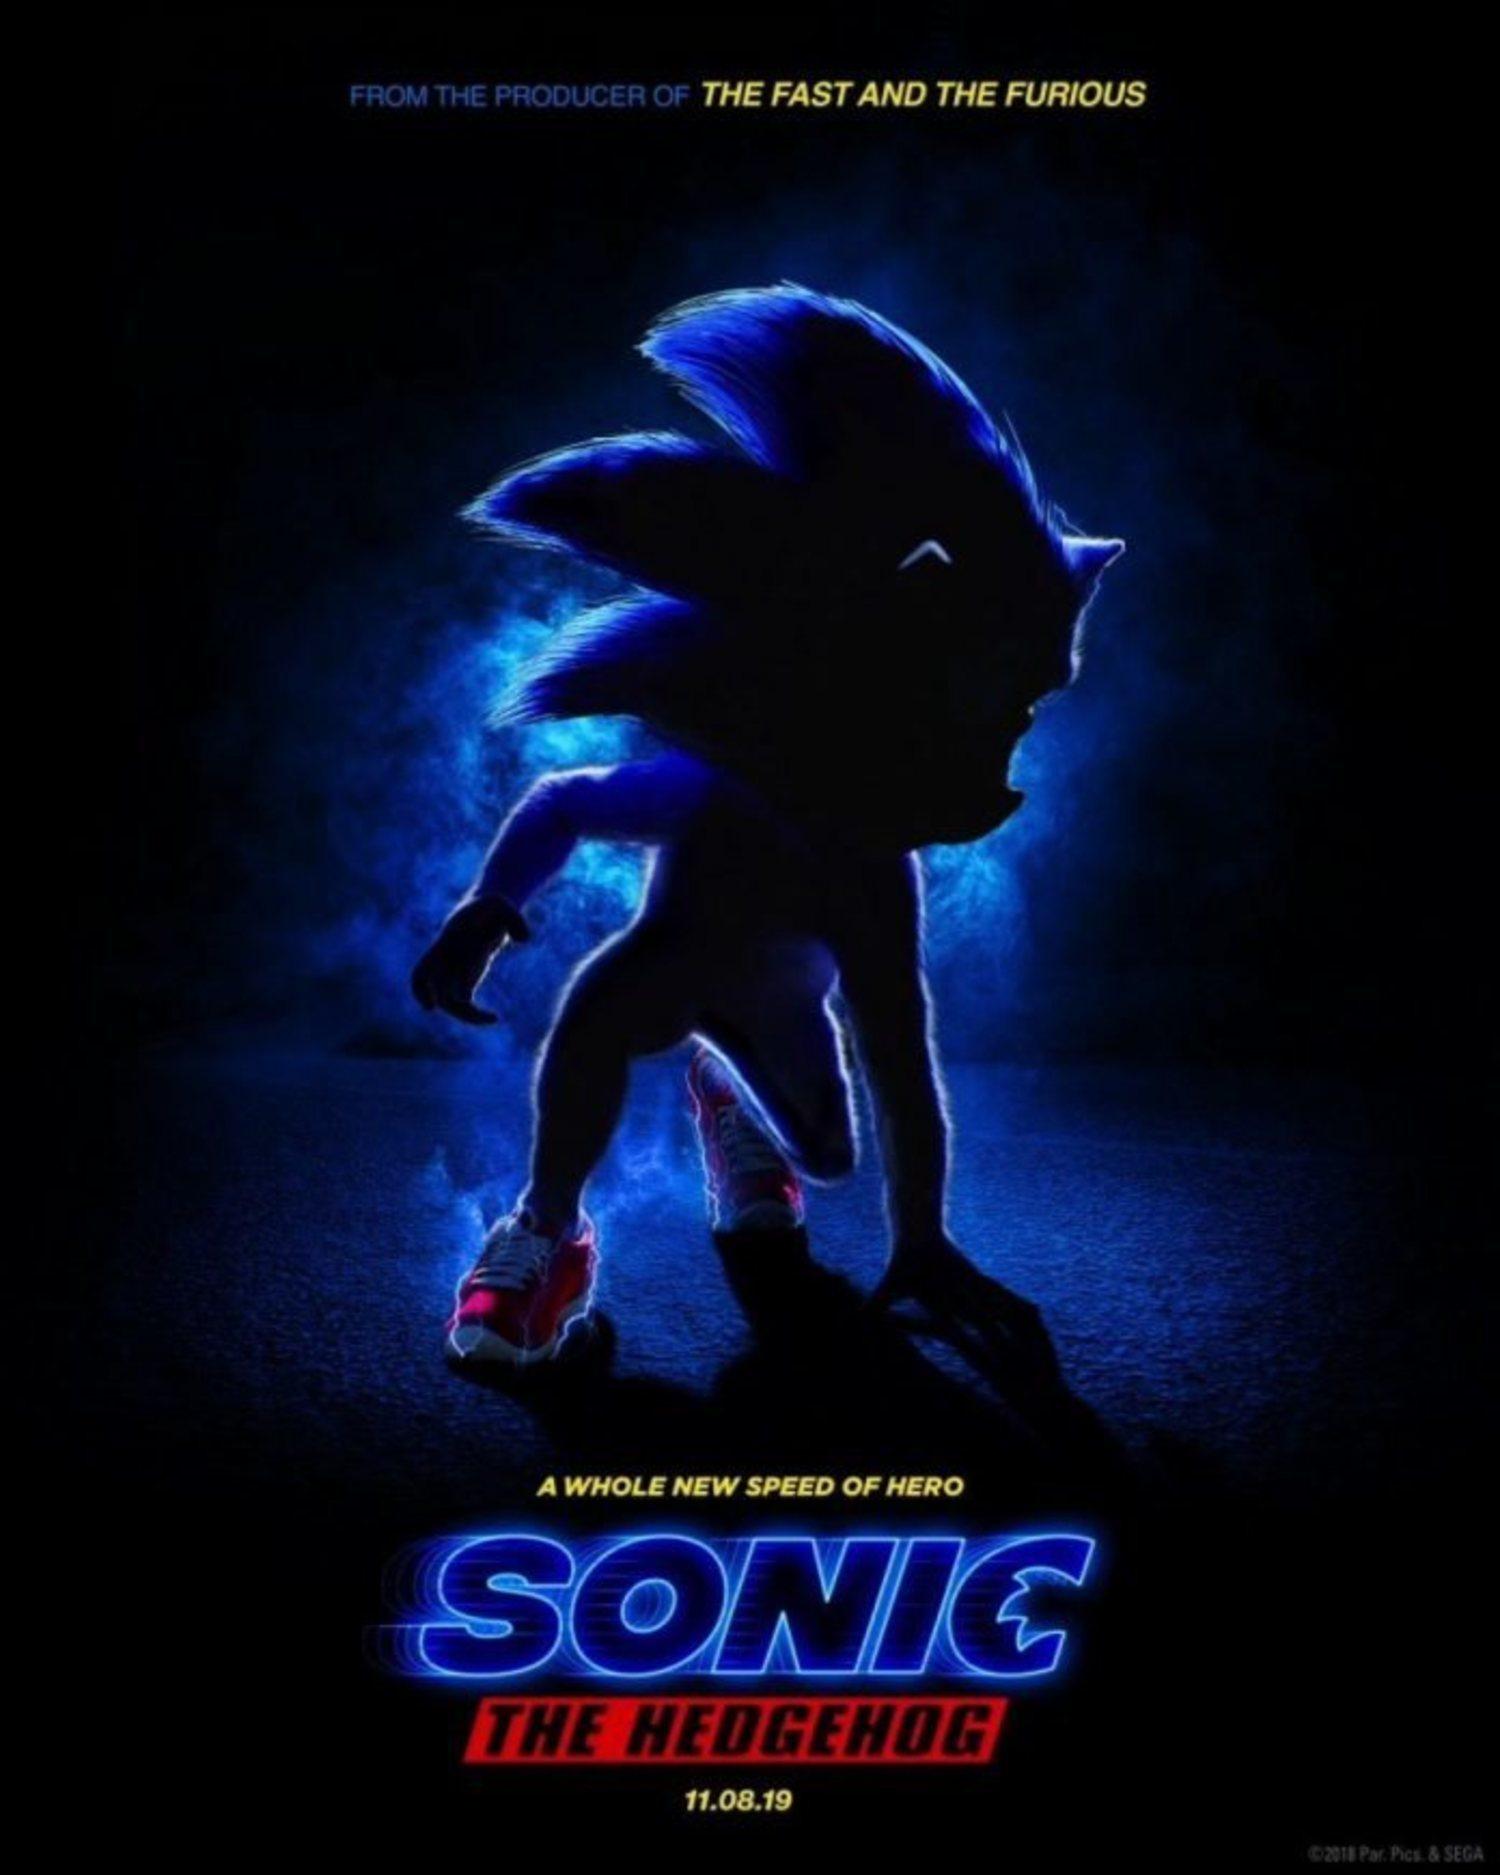 Pregunta seria: ¿A alguien le ha gustado el cartel promocional de la película?